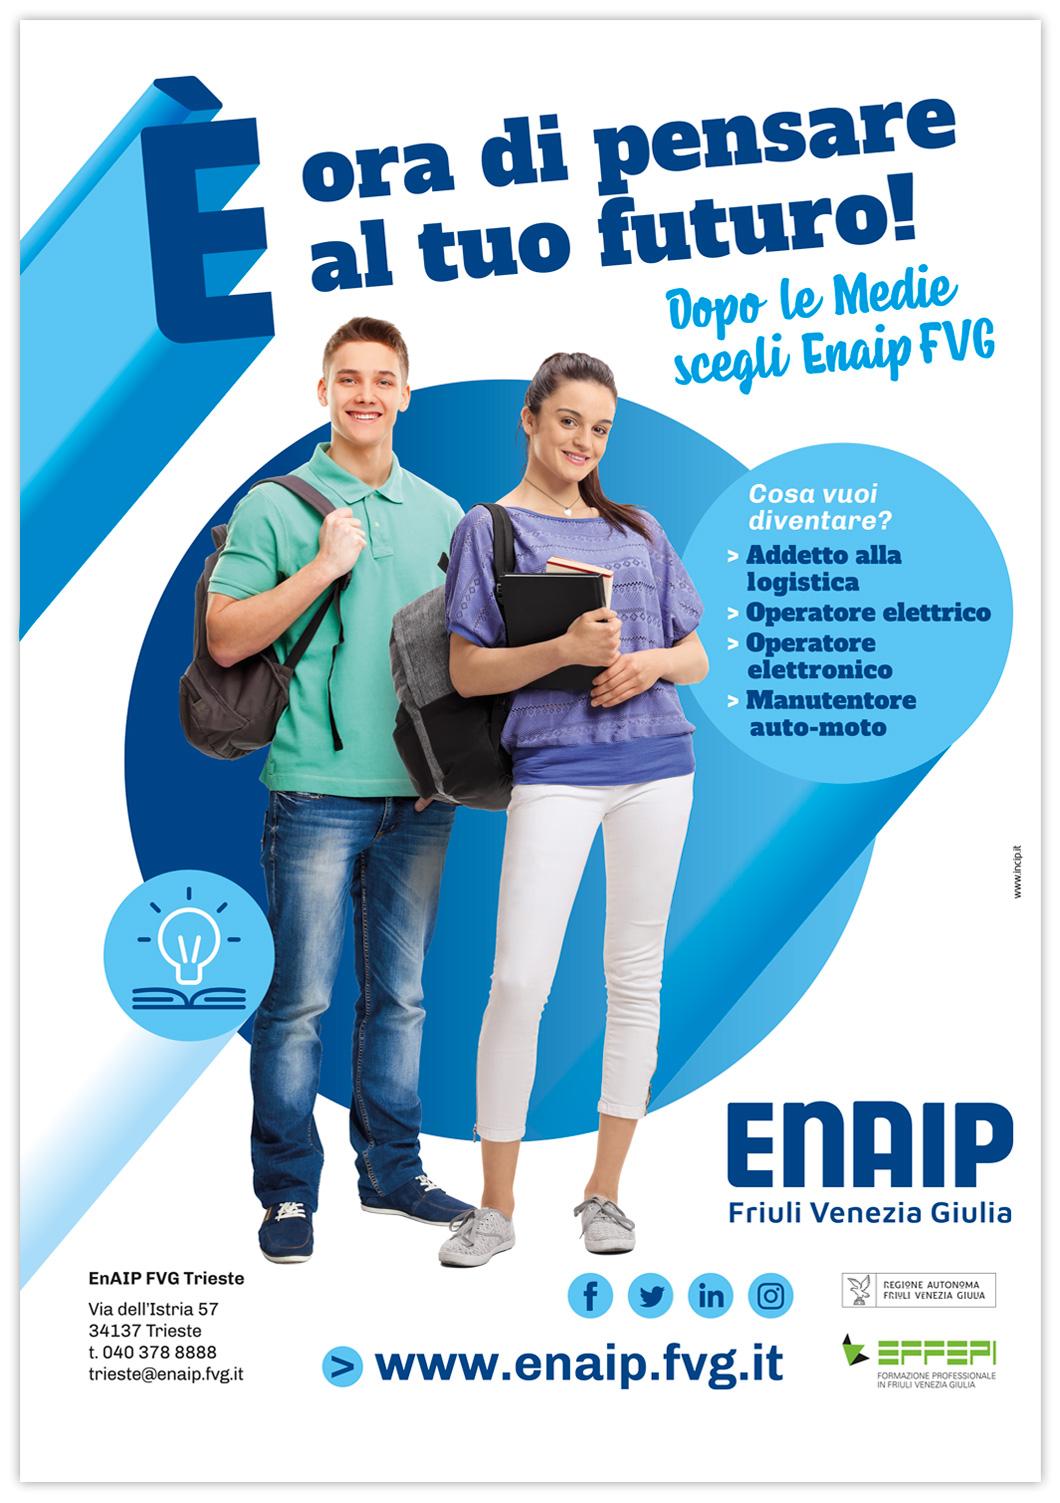 Enaip_Poster_gen